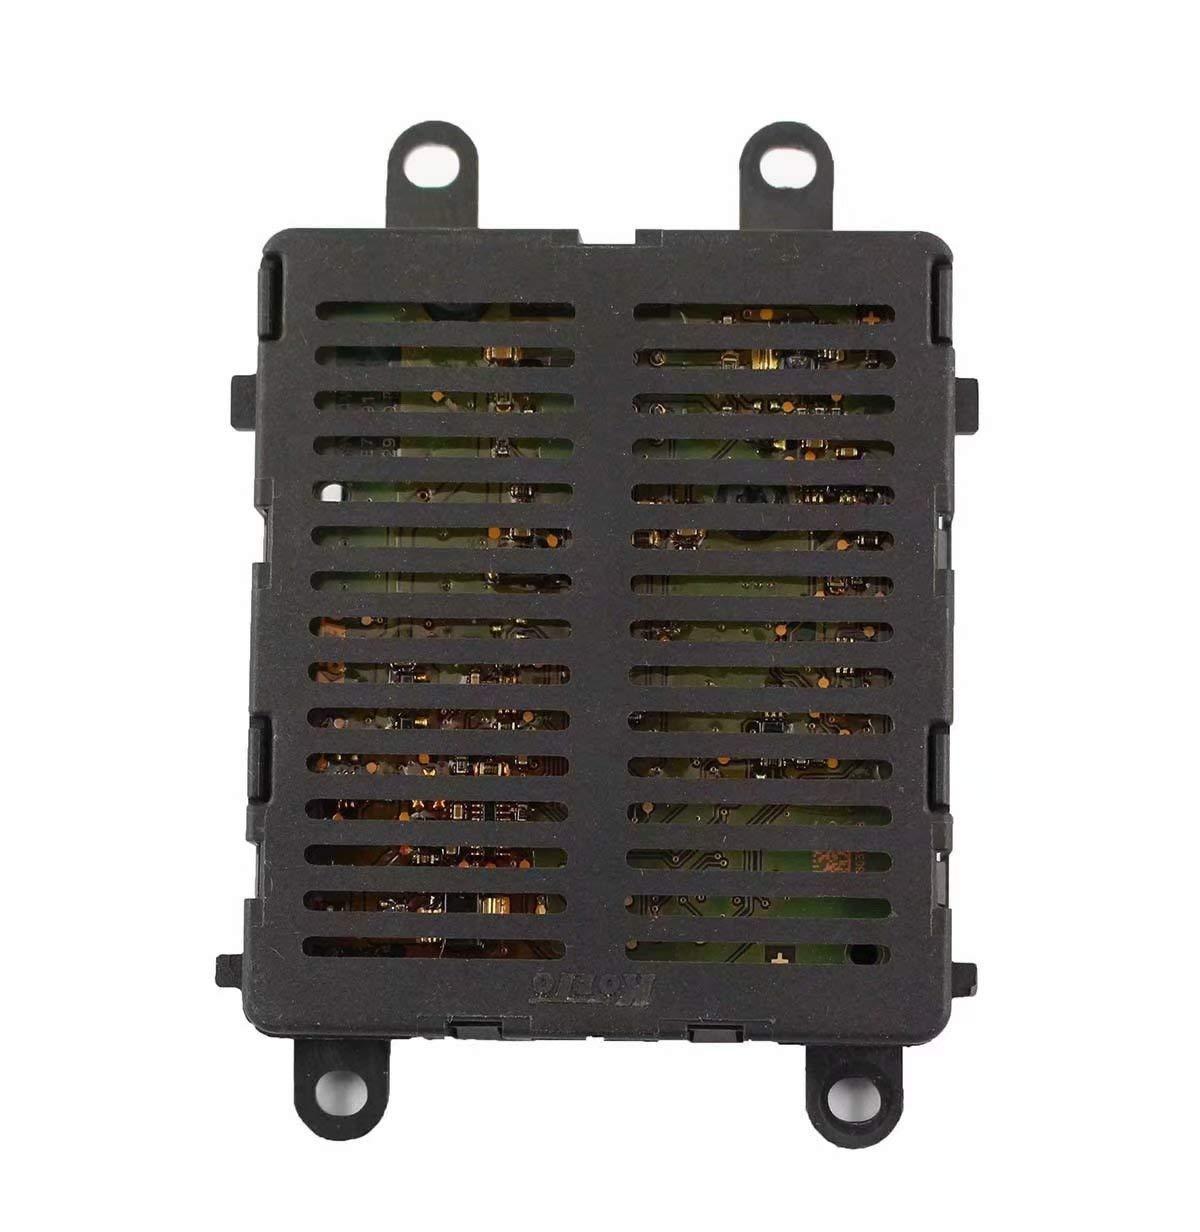 Balasto LED para 8R 2.0 TDI 3.0 TDI quattro 8R0907472B 8R0907472D 8R0907472B 8R0907472D BOLV DRL